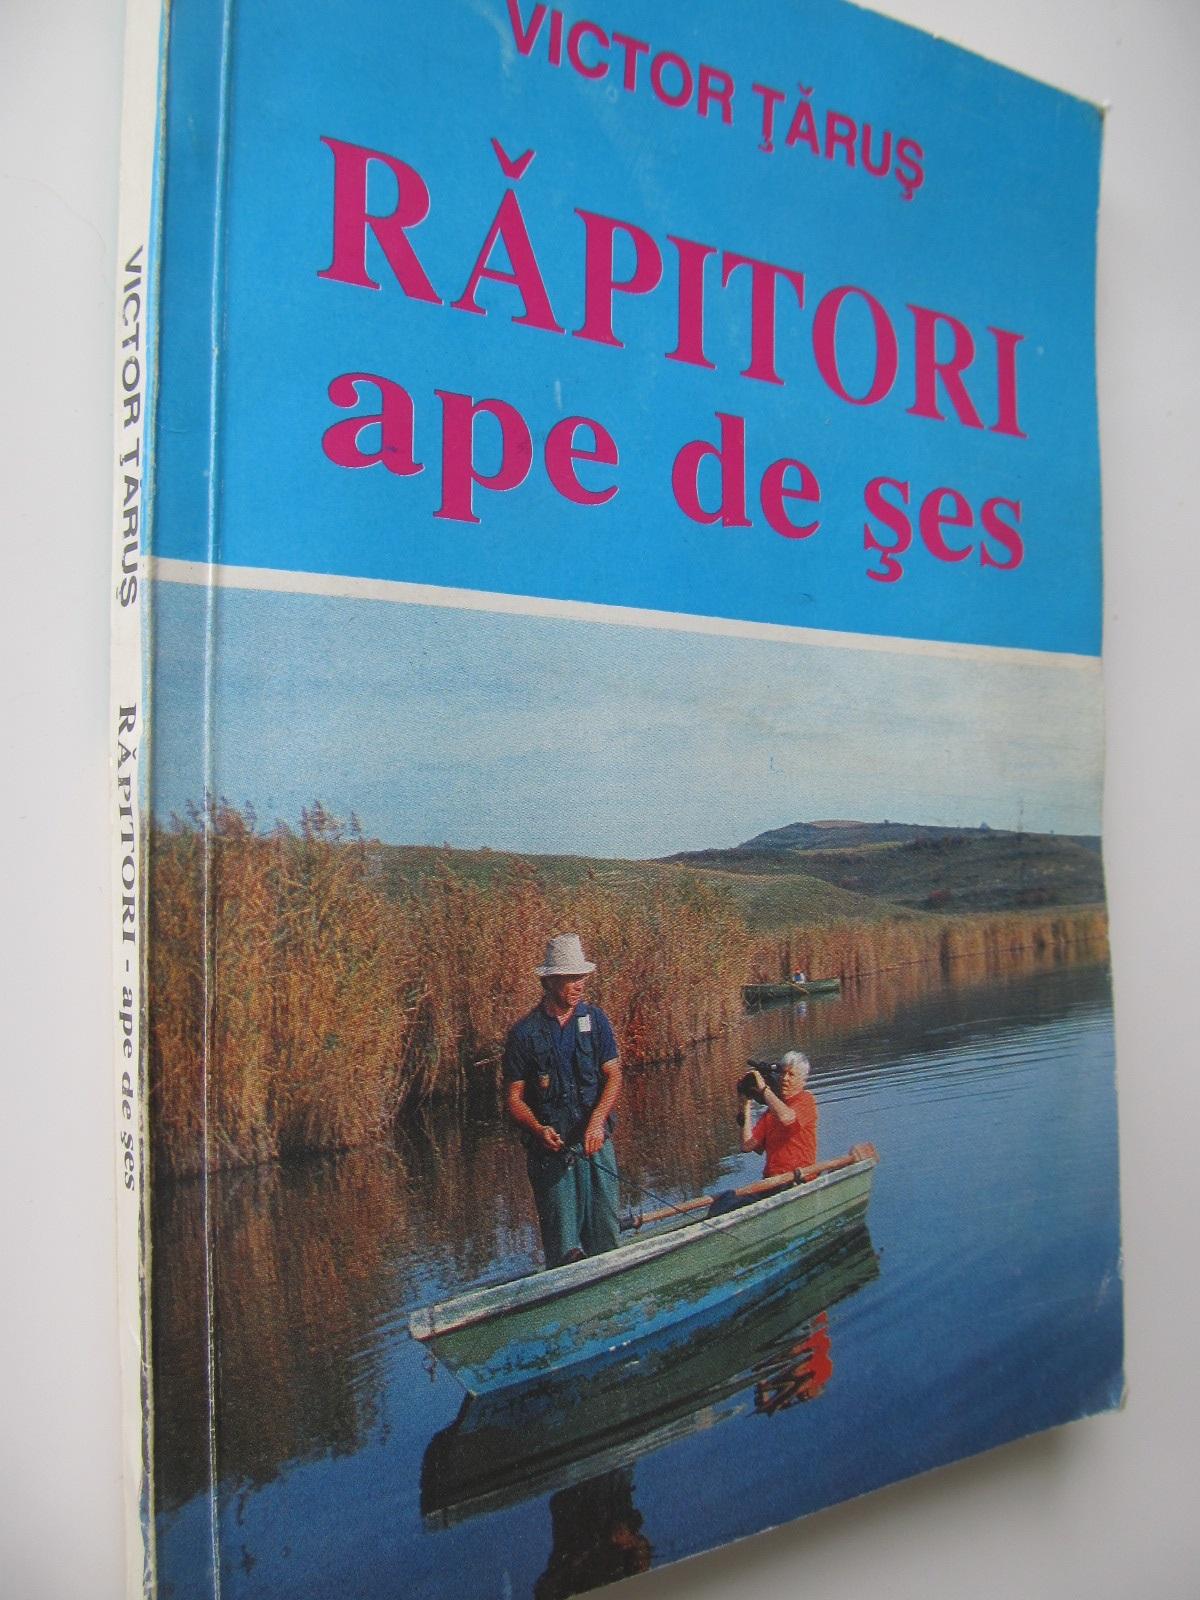 Rapitori ape de ses - Victor Tarus | Detalii carte